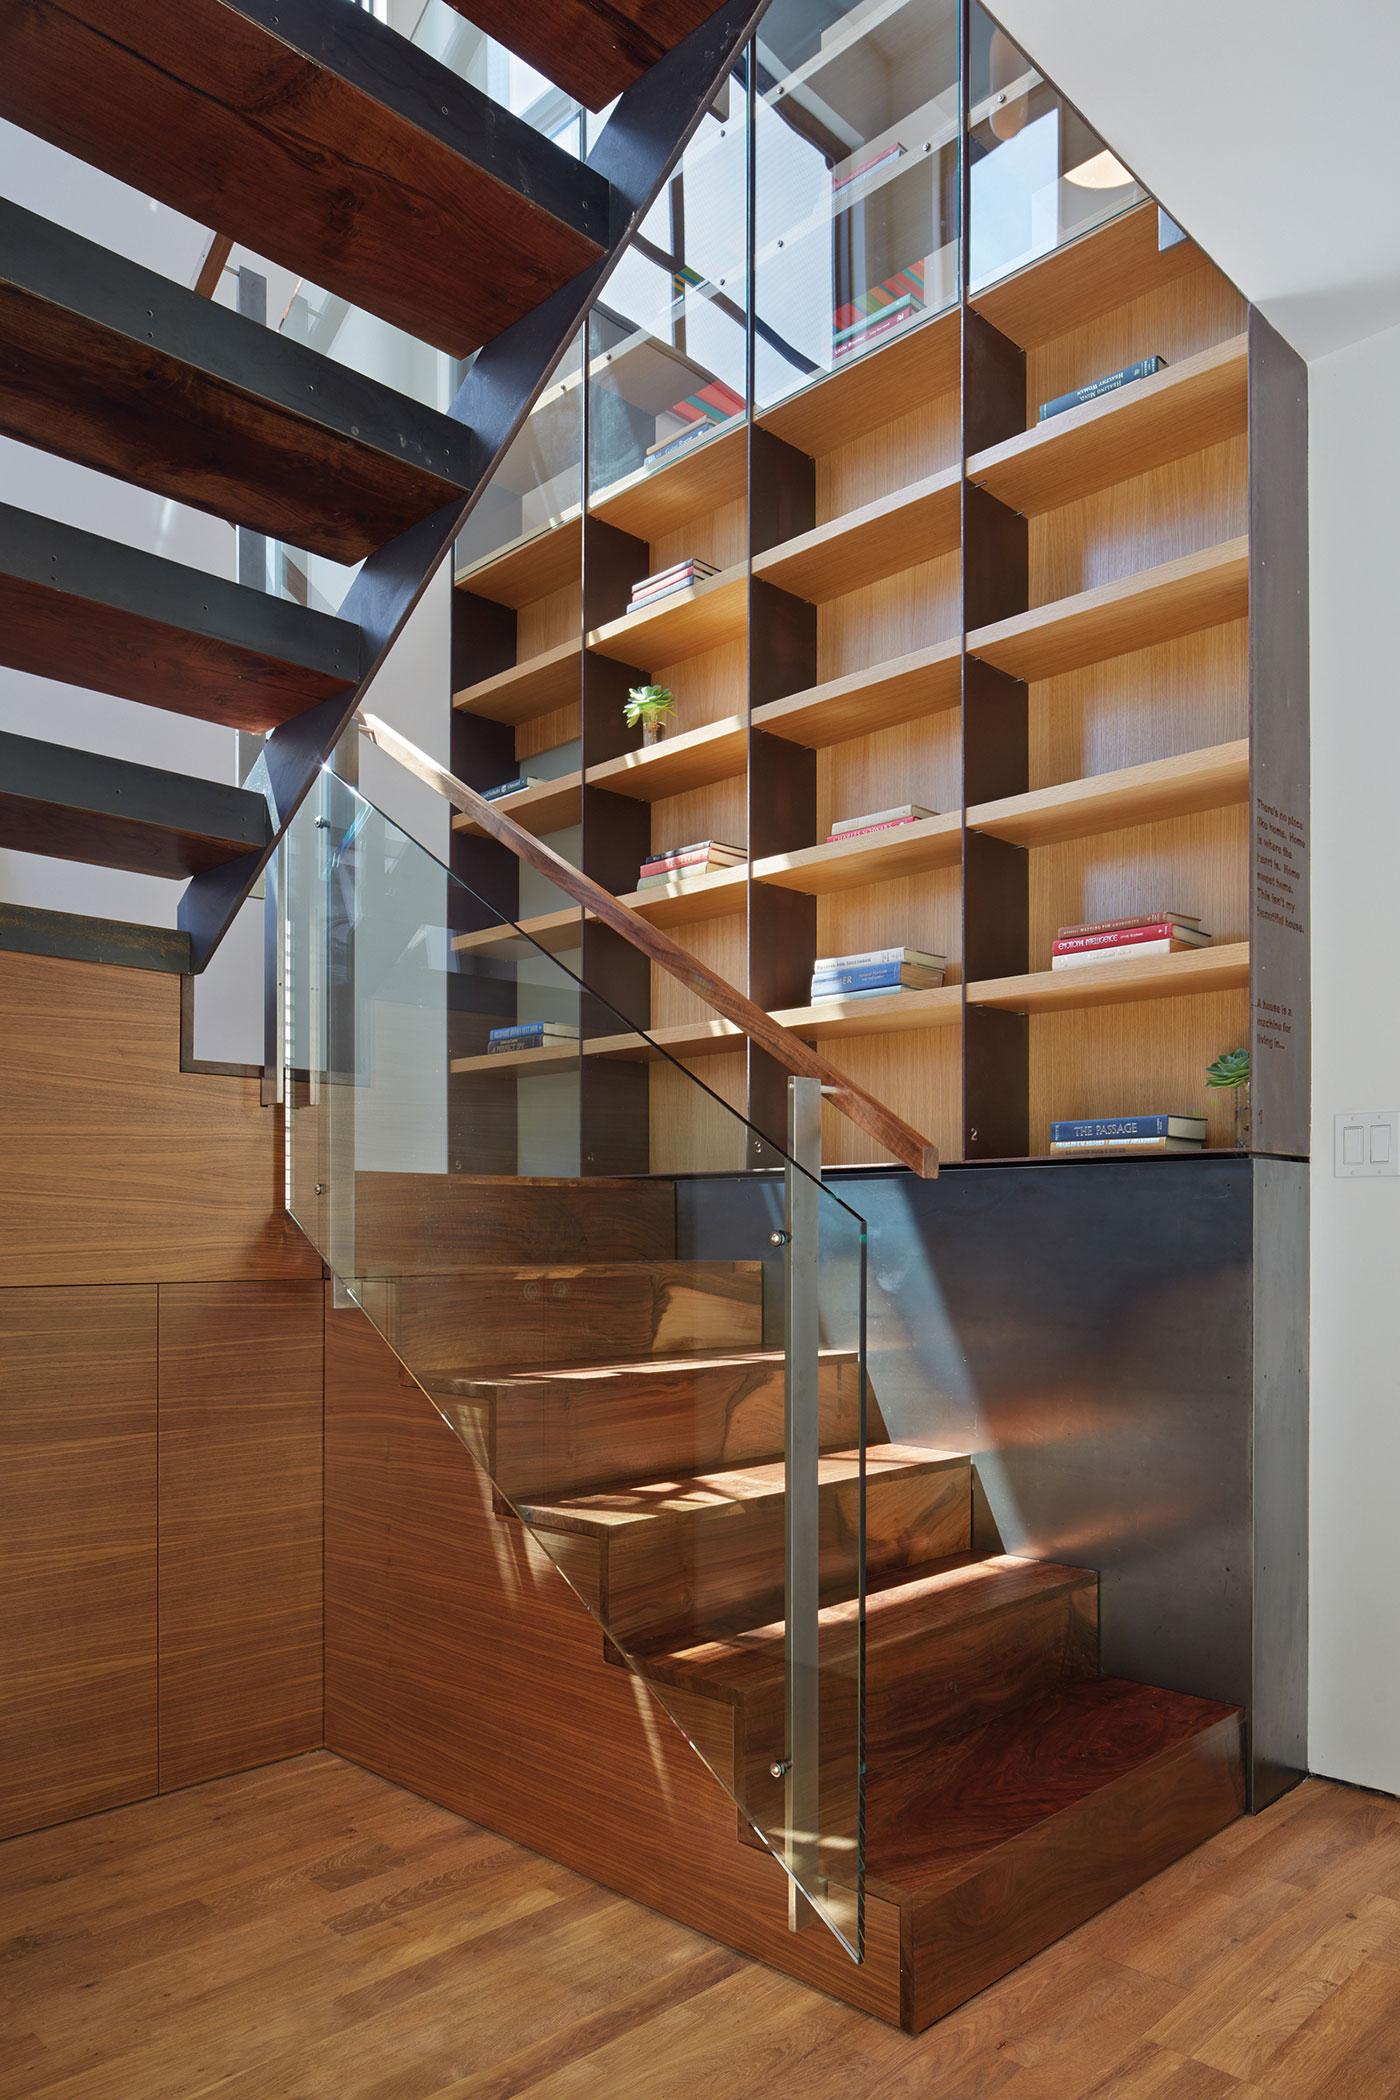 Bright and Elegant Interior Design of Steelhouse 1 plus 2 by Zack de Vito Architecture-06